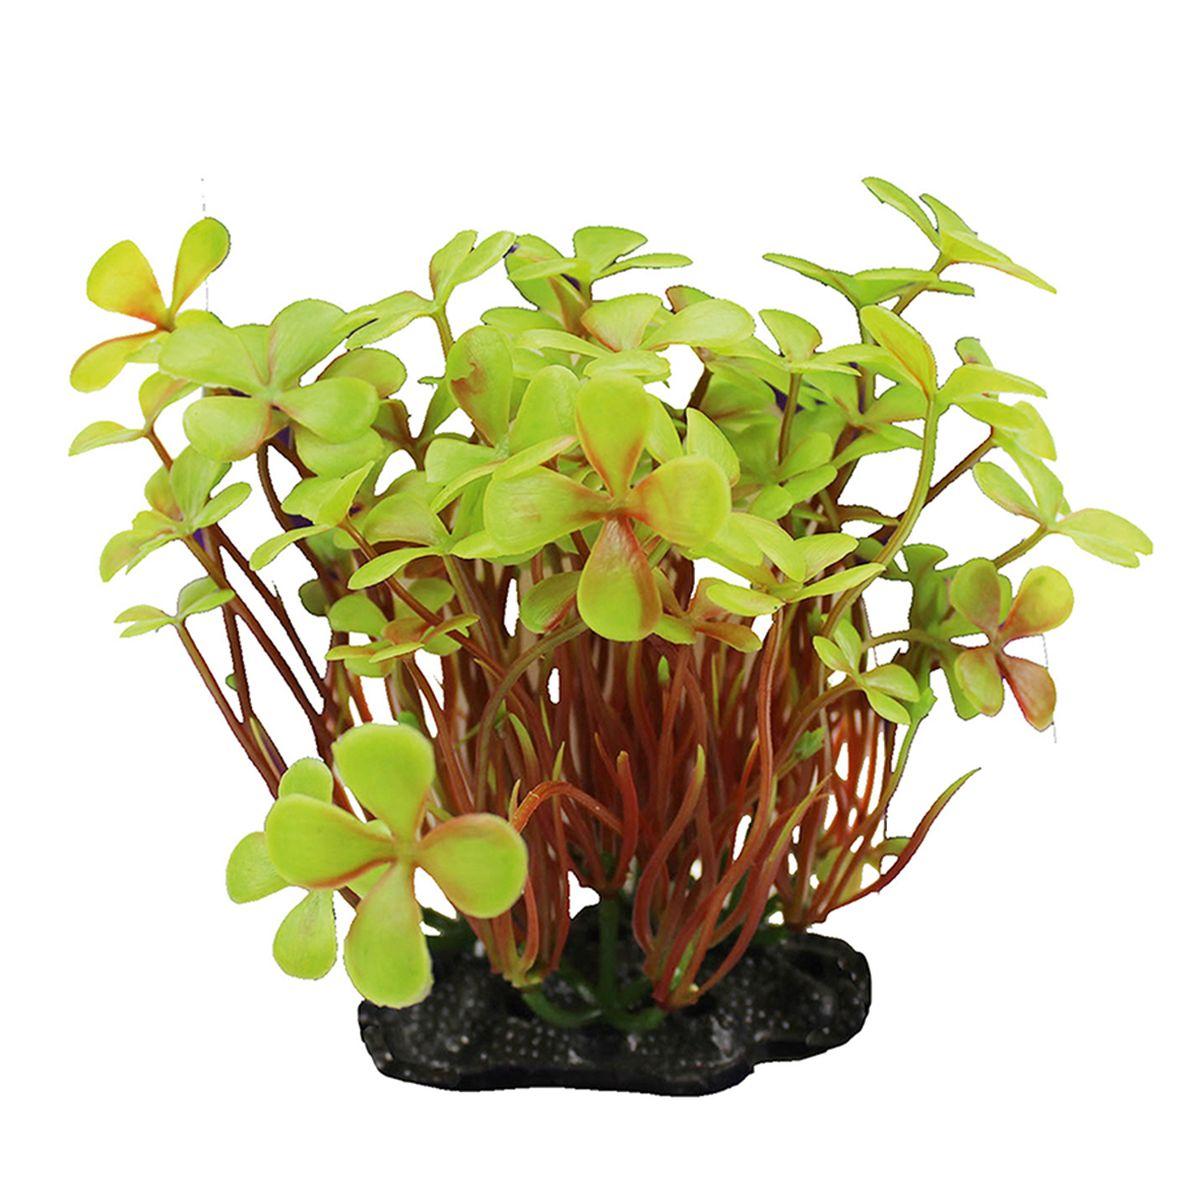 Растение для аквариума ArtUniq Марсилия желтая, высота 10-12 смART-1192119Композиция из искусственных растений ArtUniq превосходно украсит и оживит аквариум.Растения - это важная часть любой композиции, они помогут вдохнуть жизнь в ландшафт любого аквариума или террариума. А их сходствос природными порадует даже самых взыскательных ценителей.